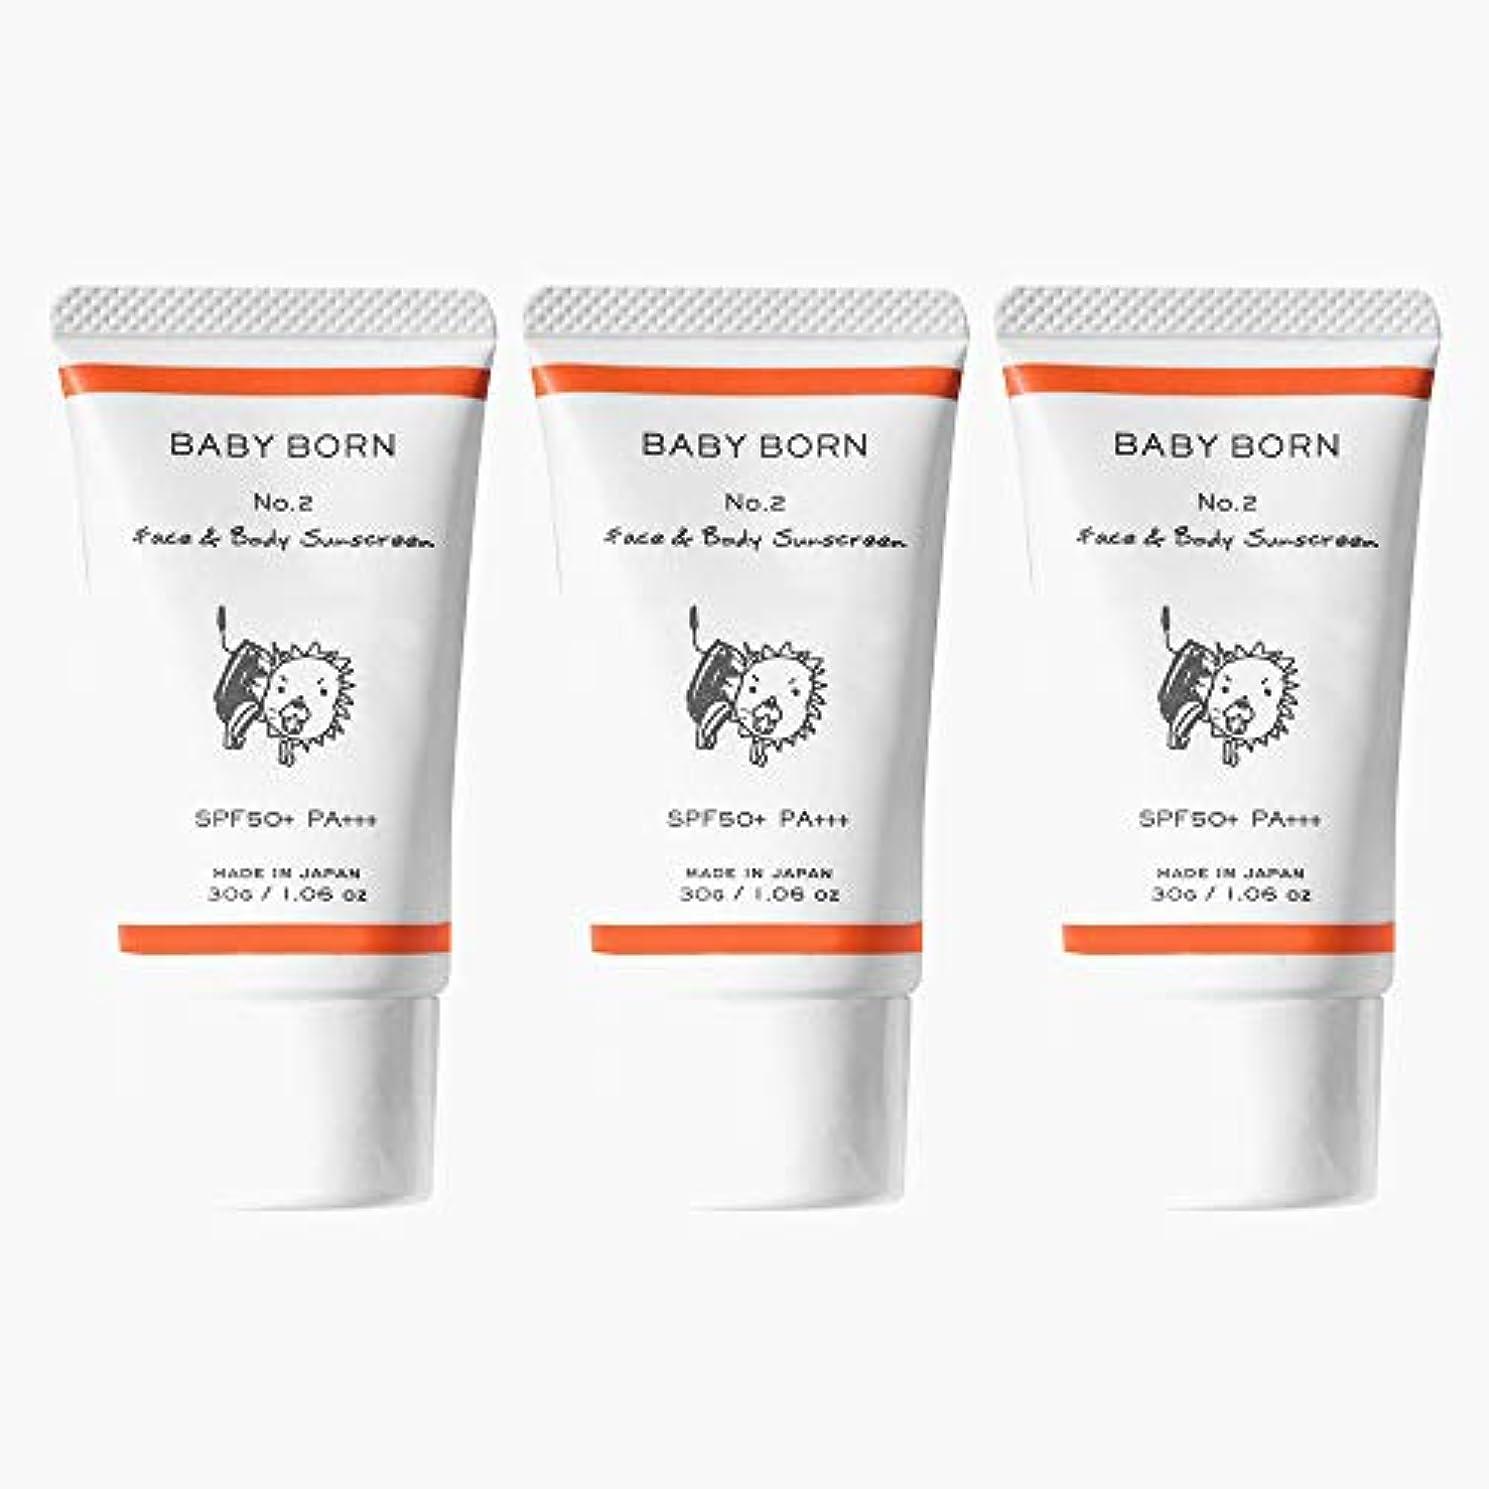 北へ古風なシャイ日焼け止め 赤ちゃんや子どもにも使えるBABY BORN(ベビーボーン) Face&Body Sunscreen 3個セット 日焼け止め UV ケア 東原亜希 高橋ミカ 共同開発 SPF50+/PA++++